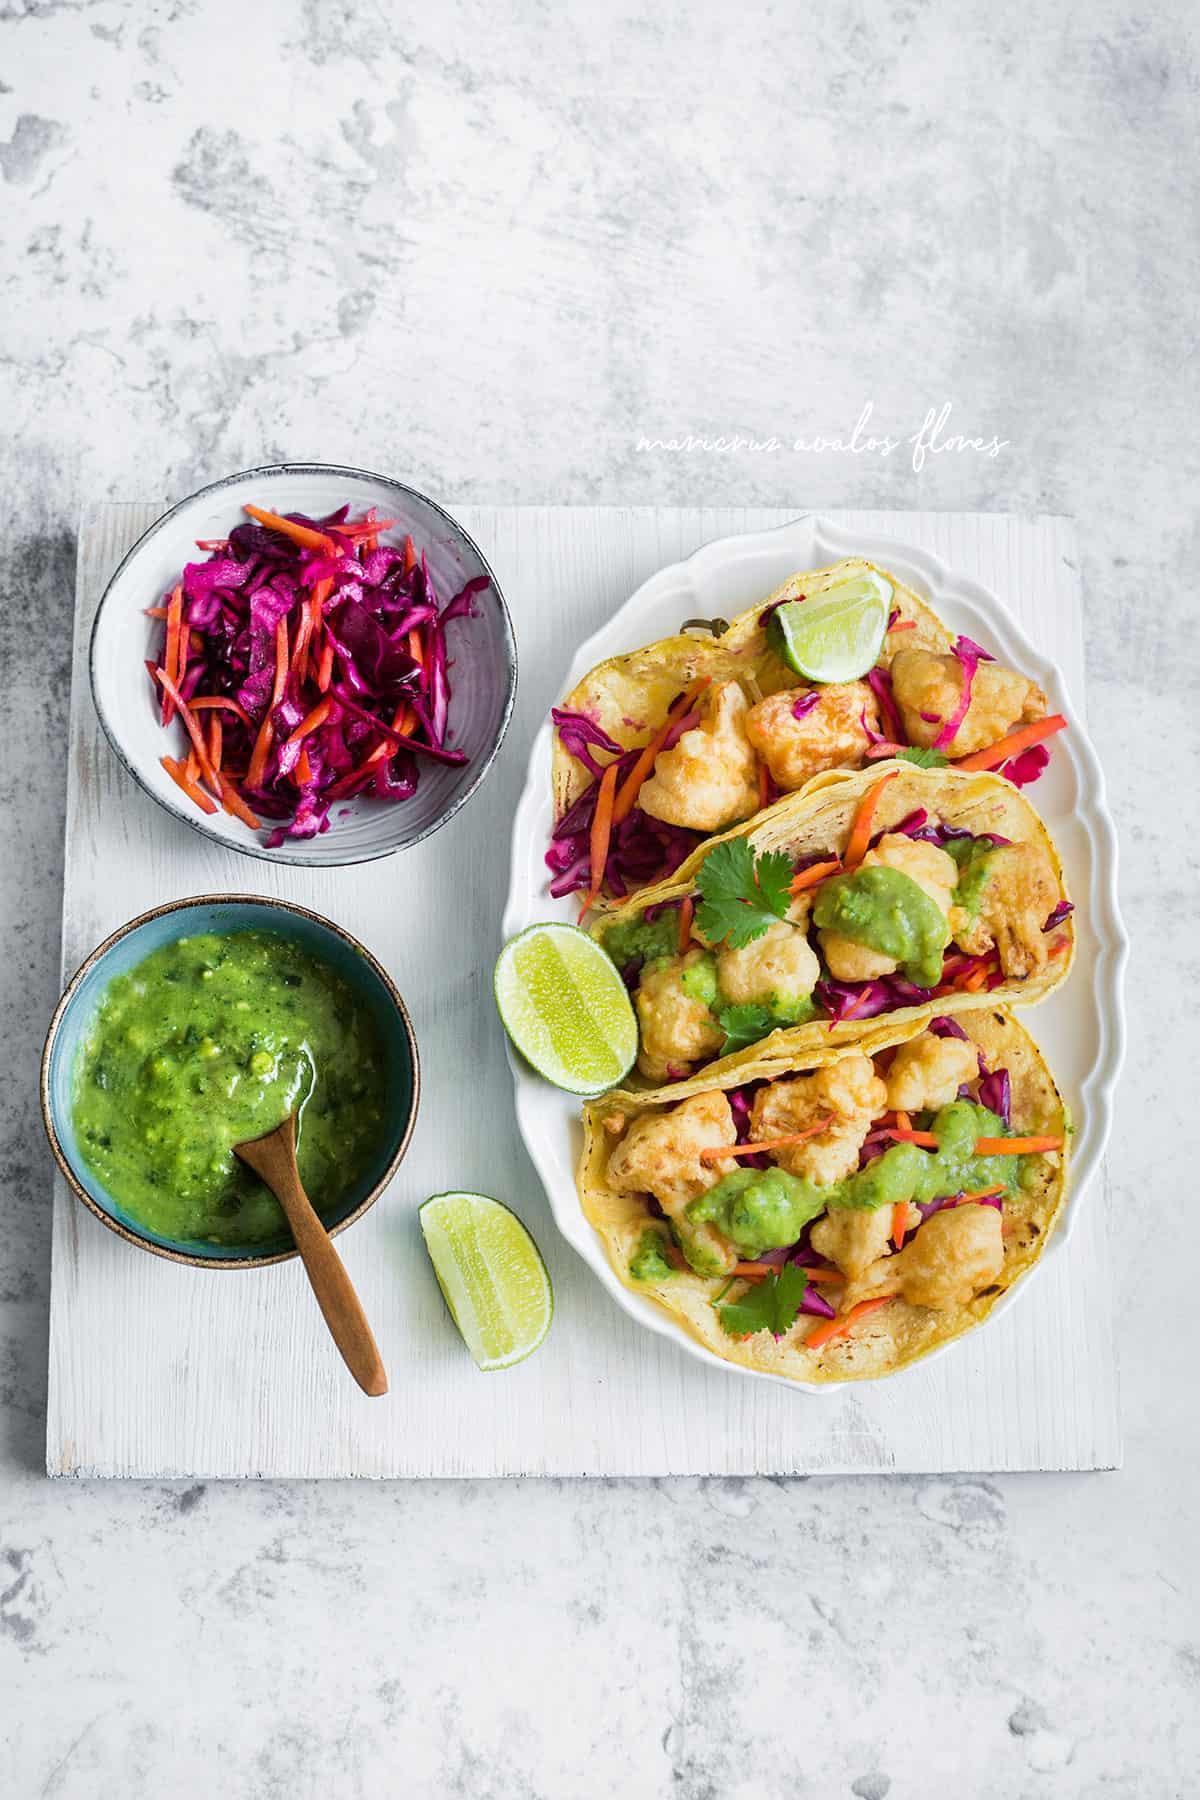 tacos de coliflor servidos con guacamole y ensalada de col morada